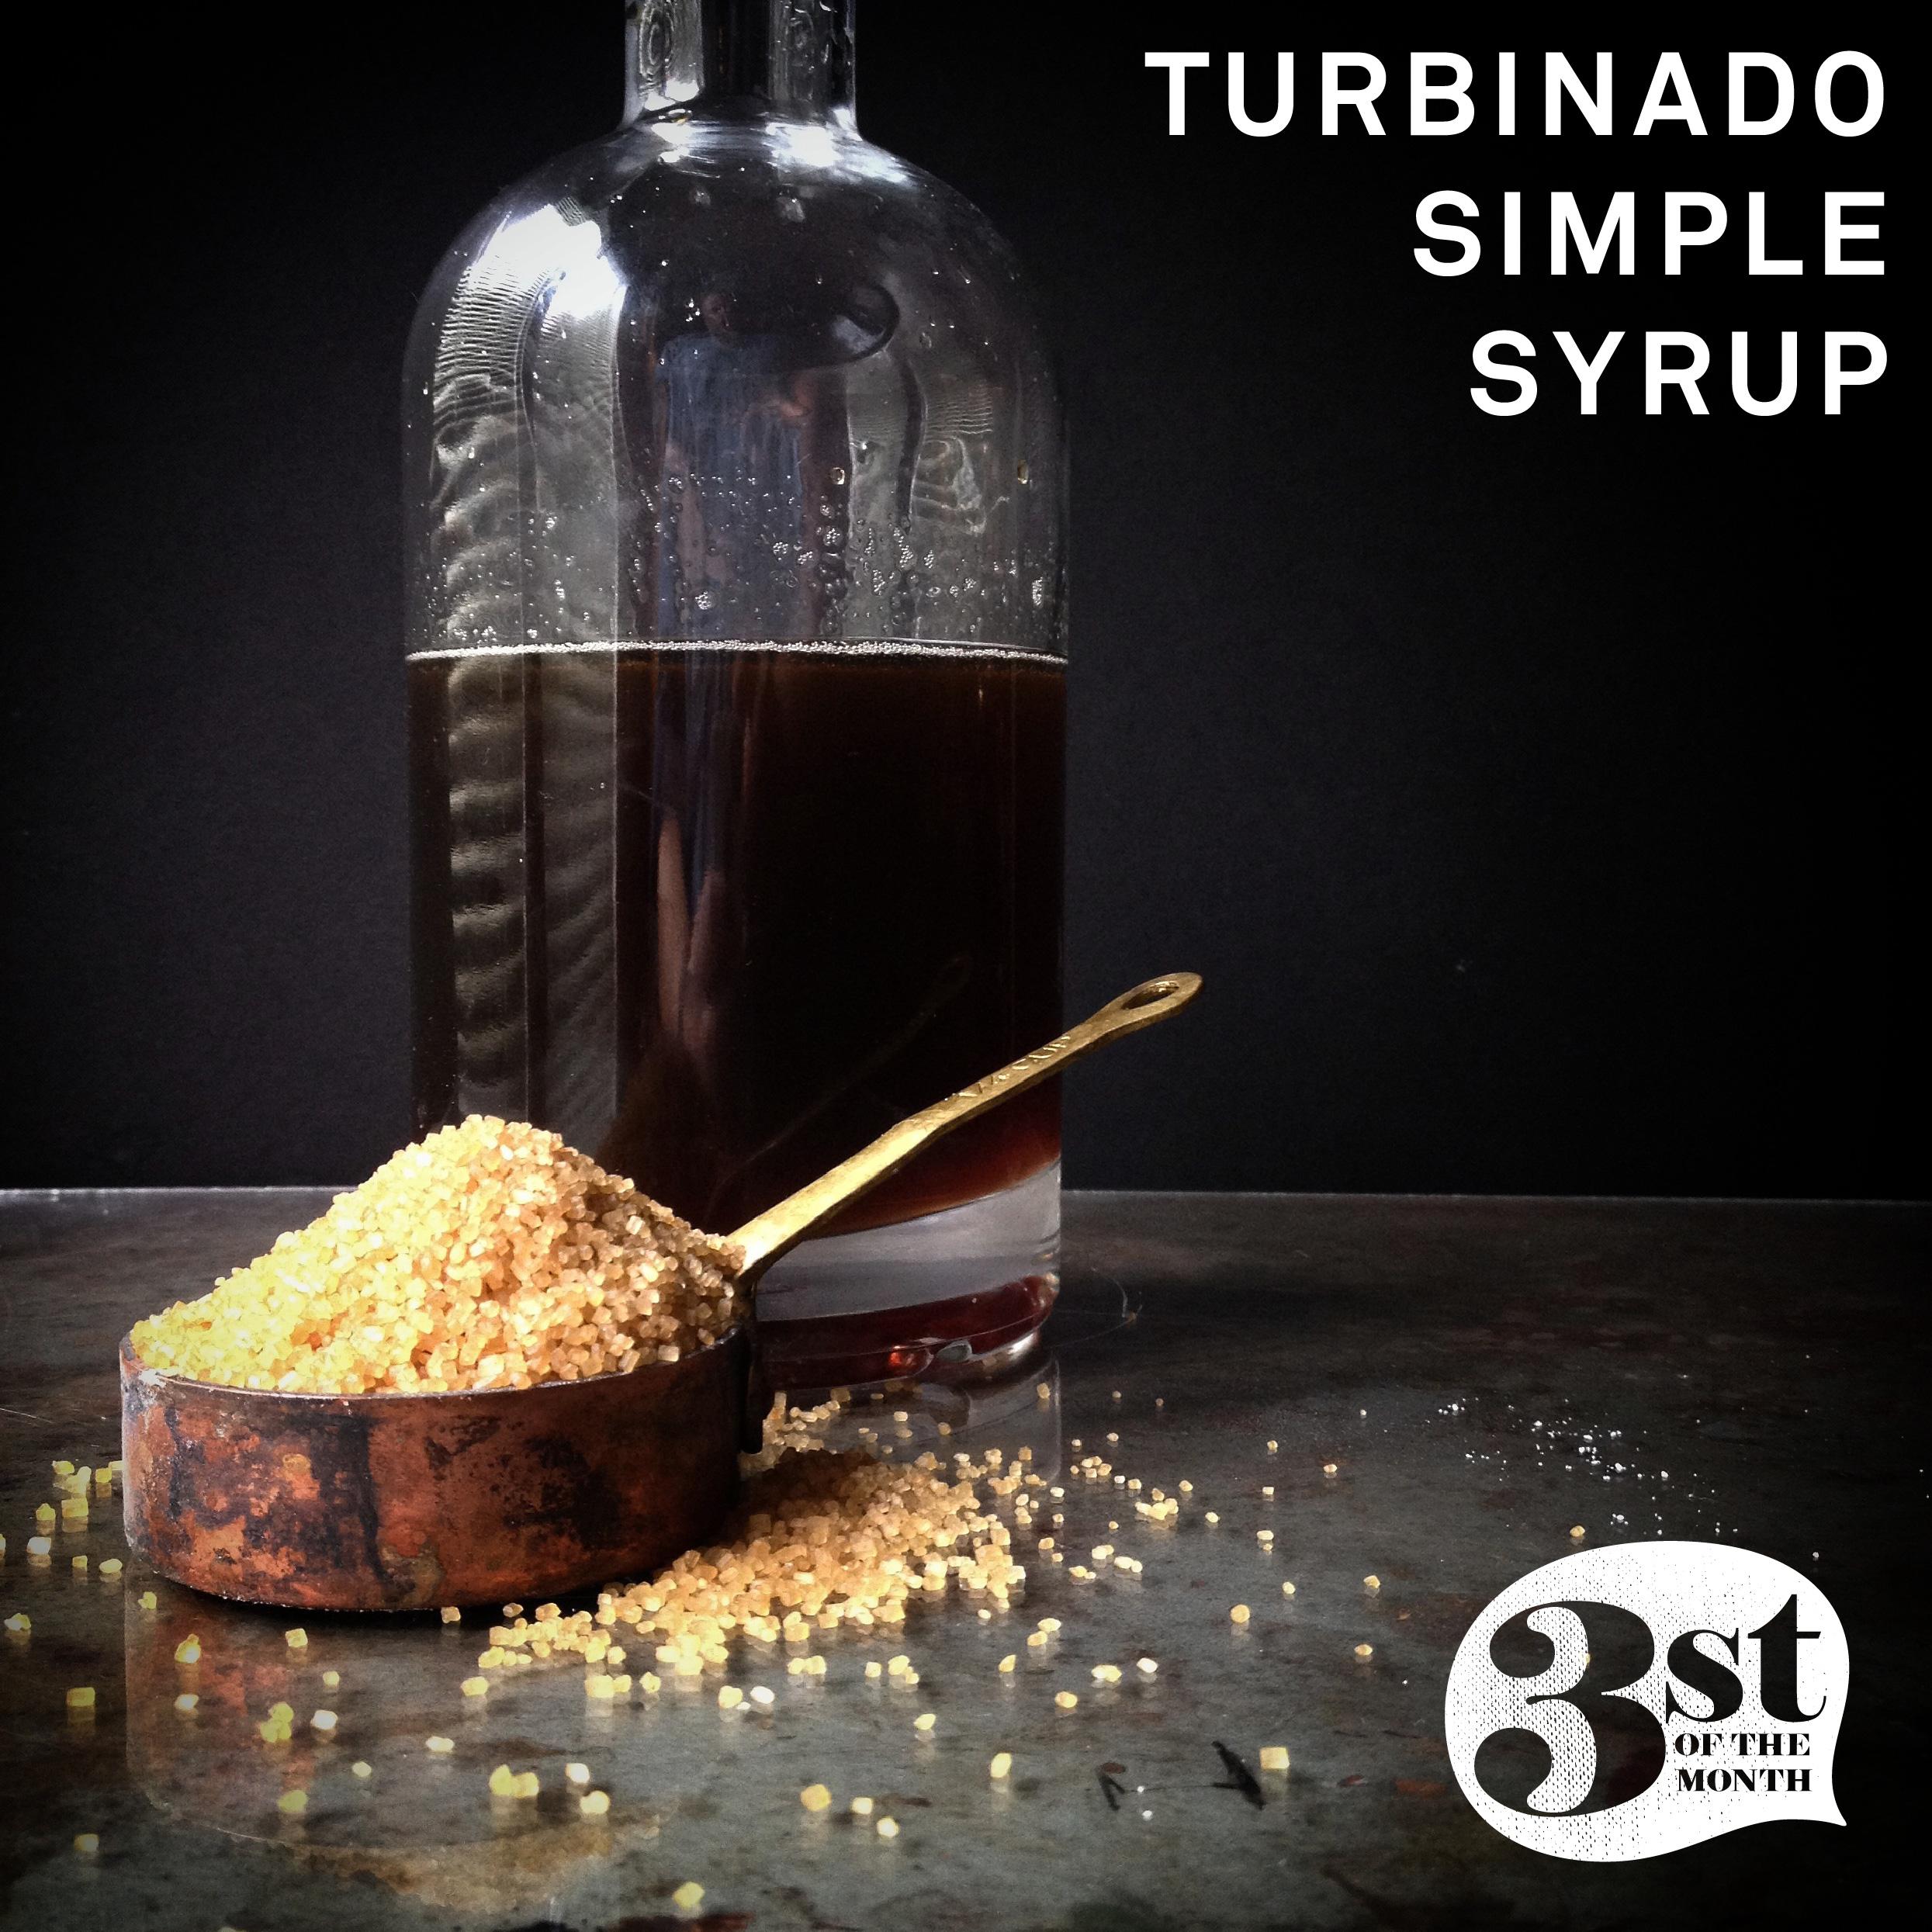 Turbinado Simple Syrup.jpg